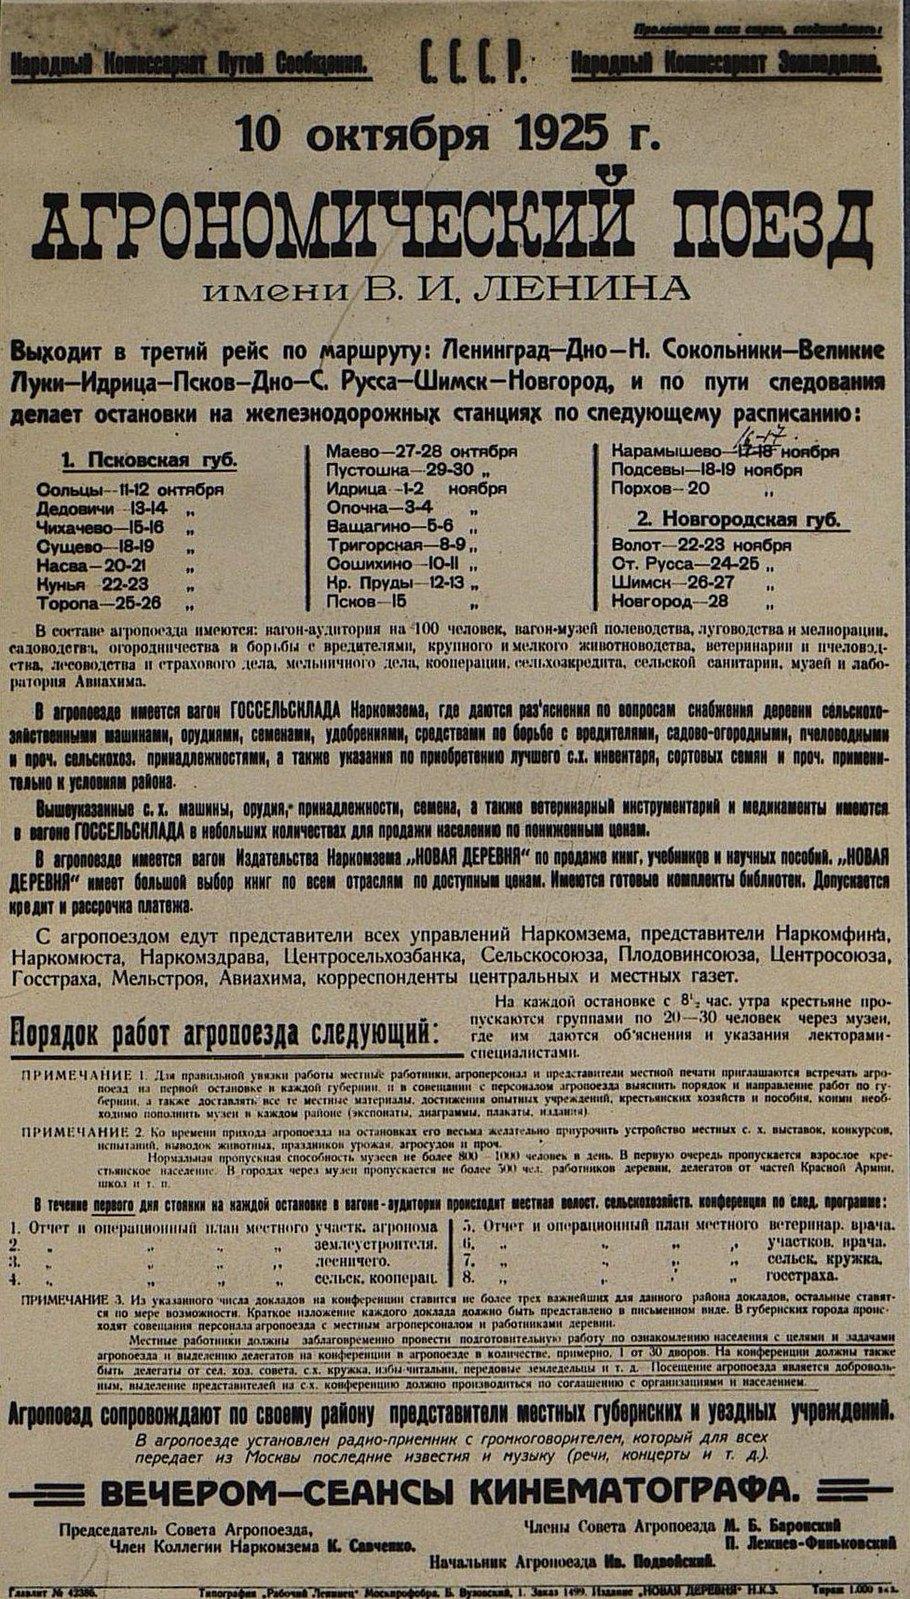 Агрономический поезд им. В.И. Ленина выходит в третий рейс...